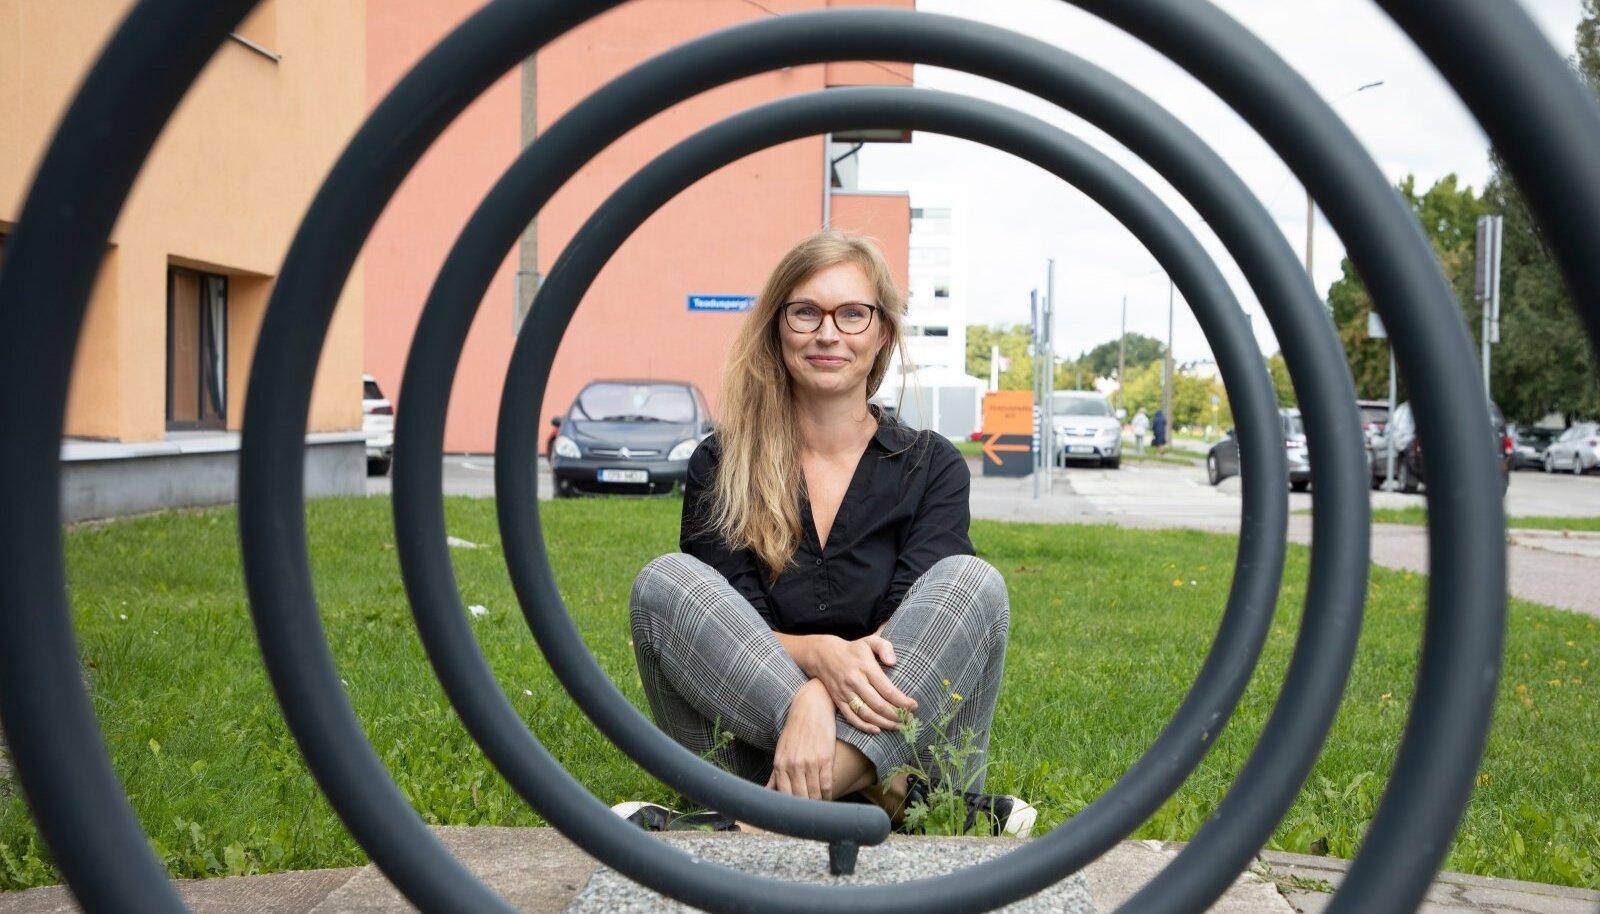 Timbeteri tegevjuht Anna-Greta Tsahkna on veendunud, et digiteerimine tagab kokkuhoiu.